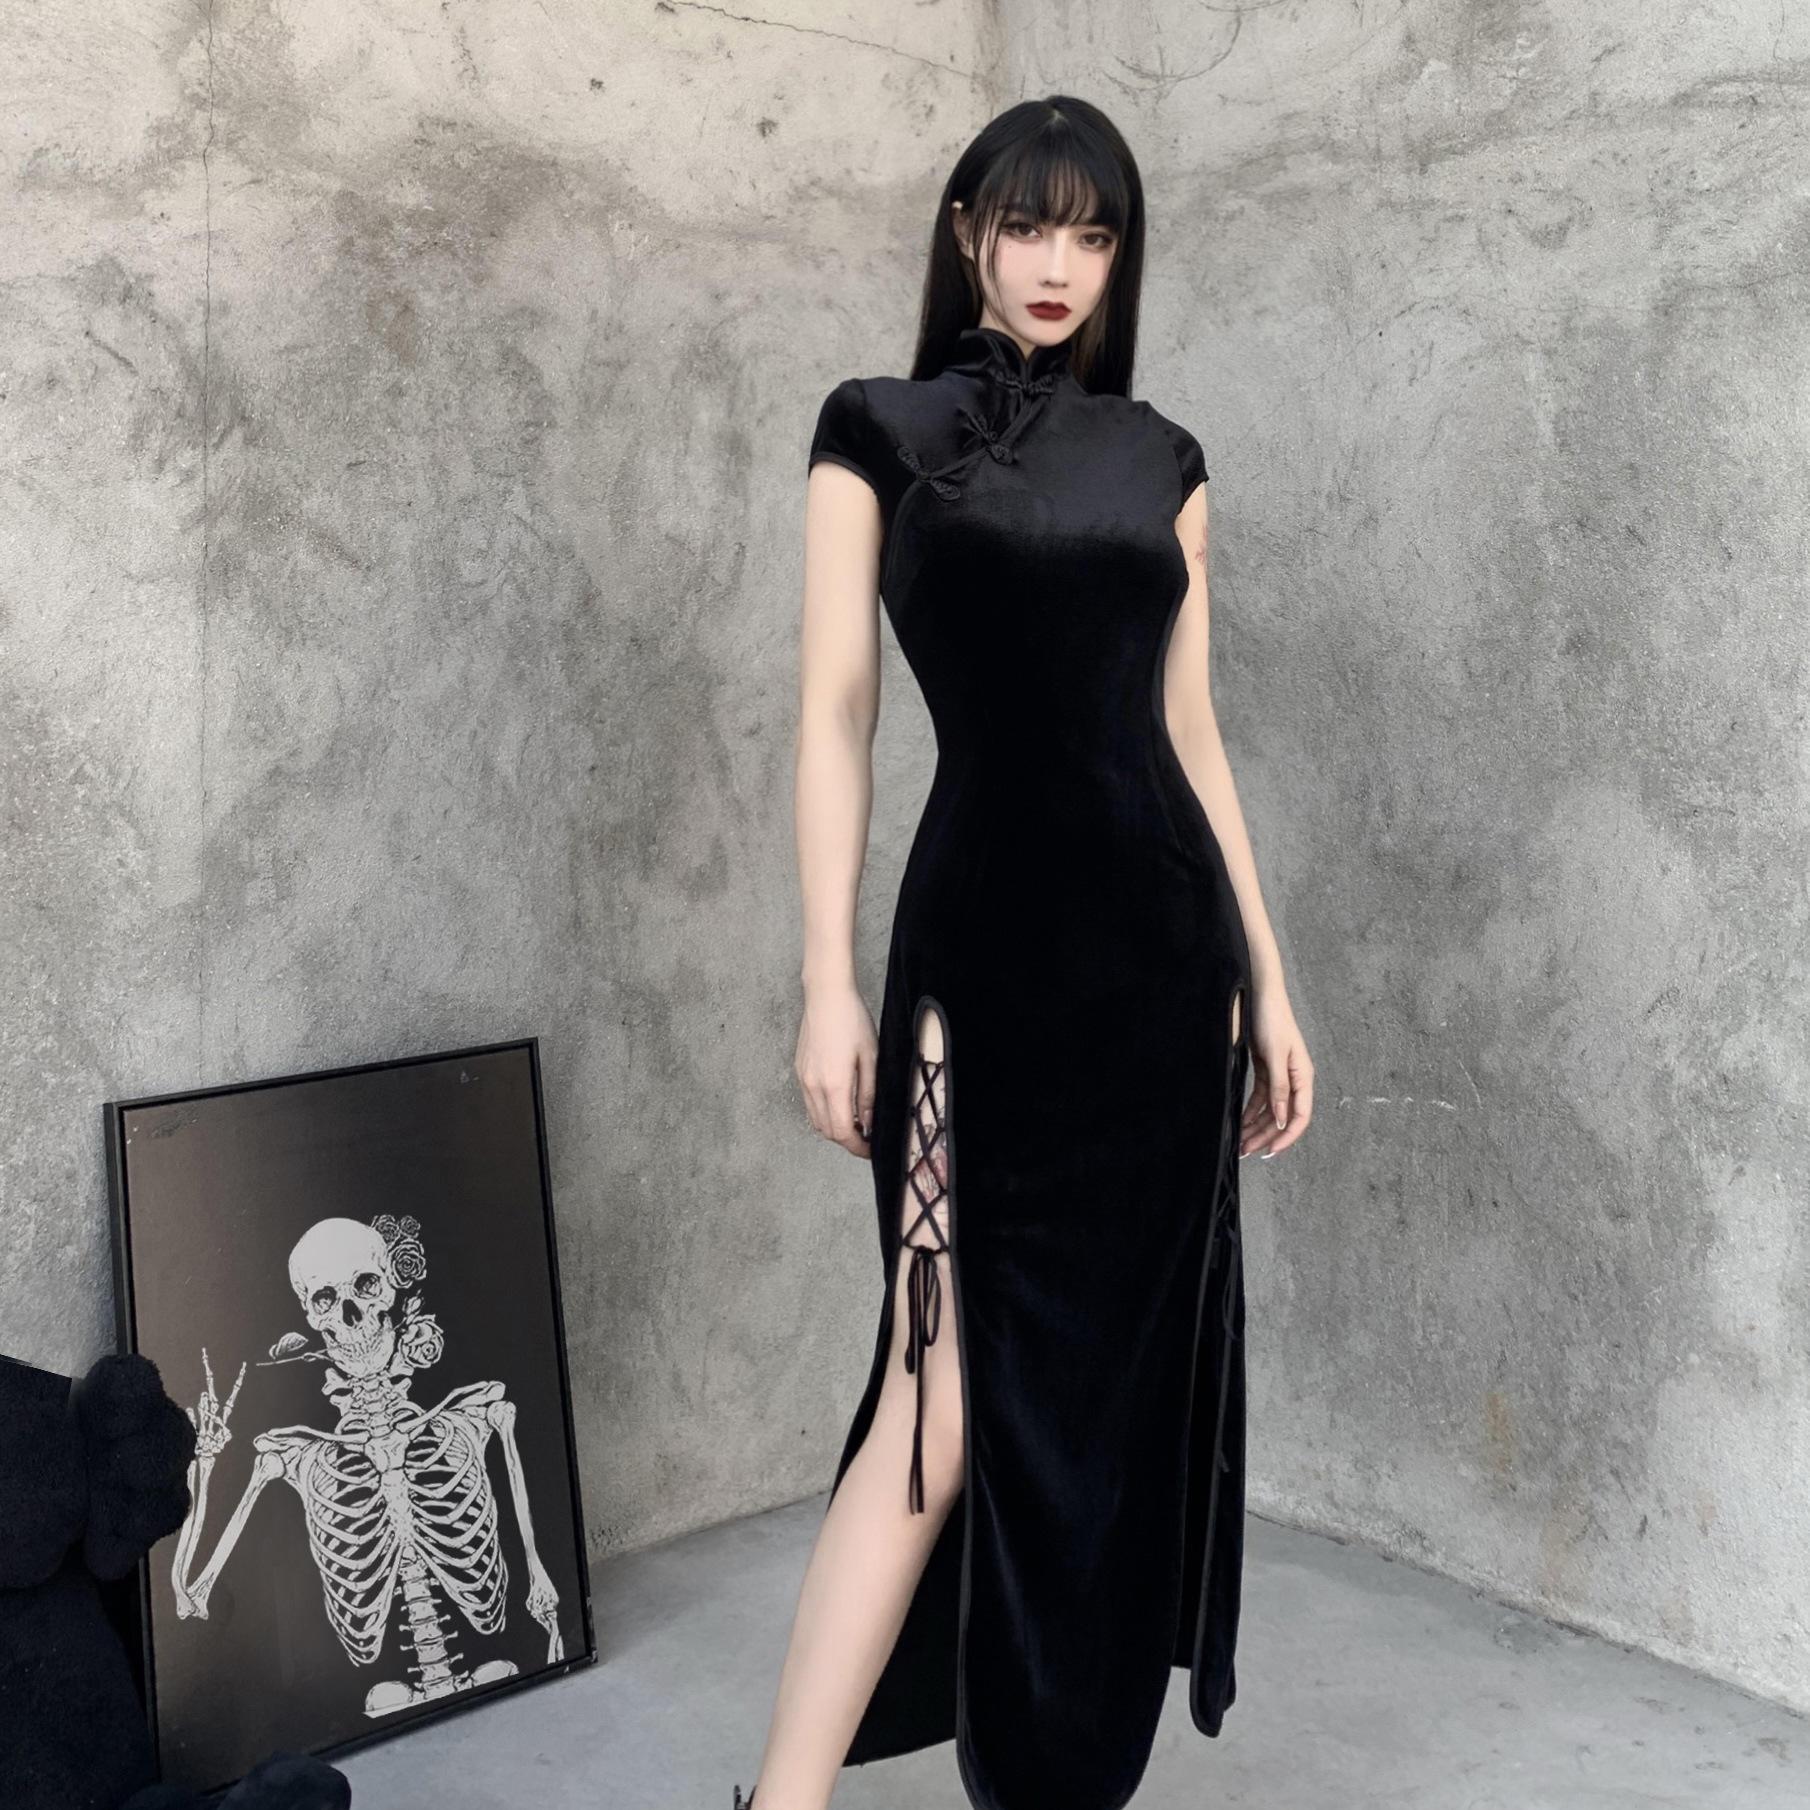 Maxi Gothic Dresses for Women Plus Size Lace Stitched Halter Neck Slit Long Dresses Vintage Punk Dyed Print Dress